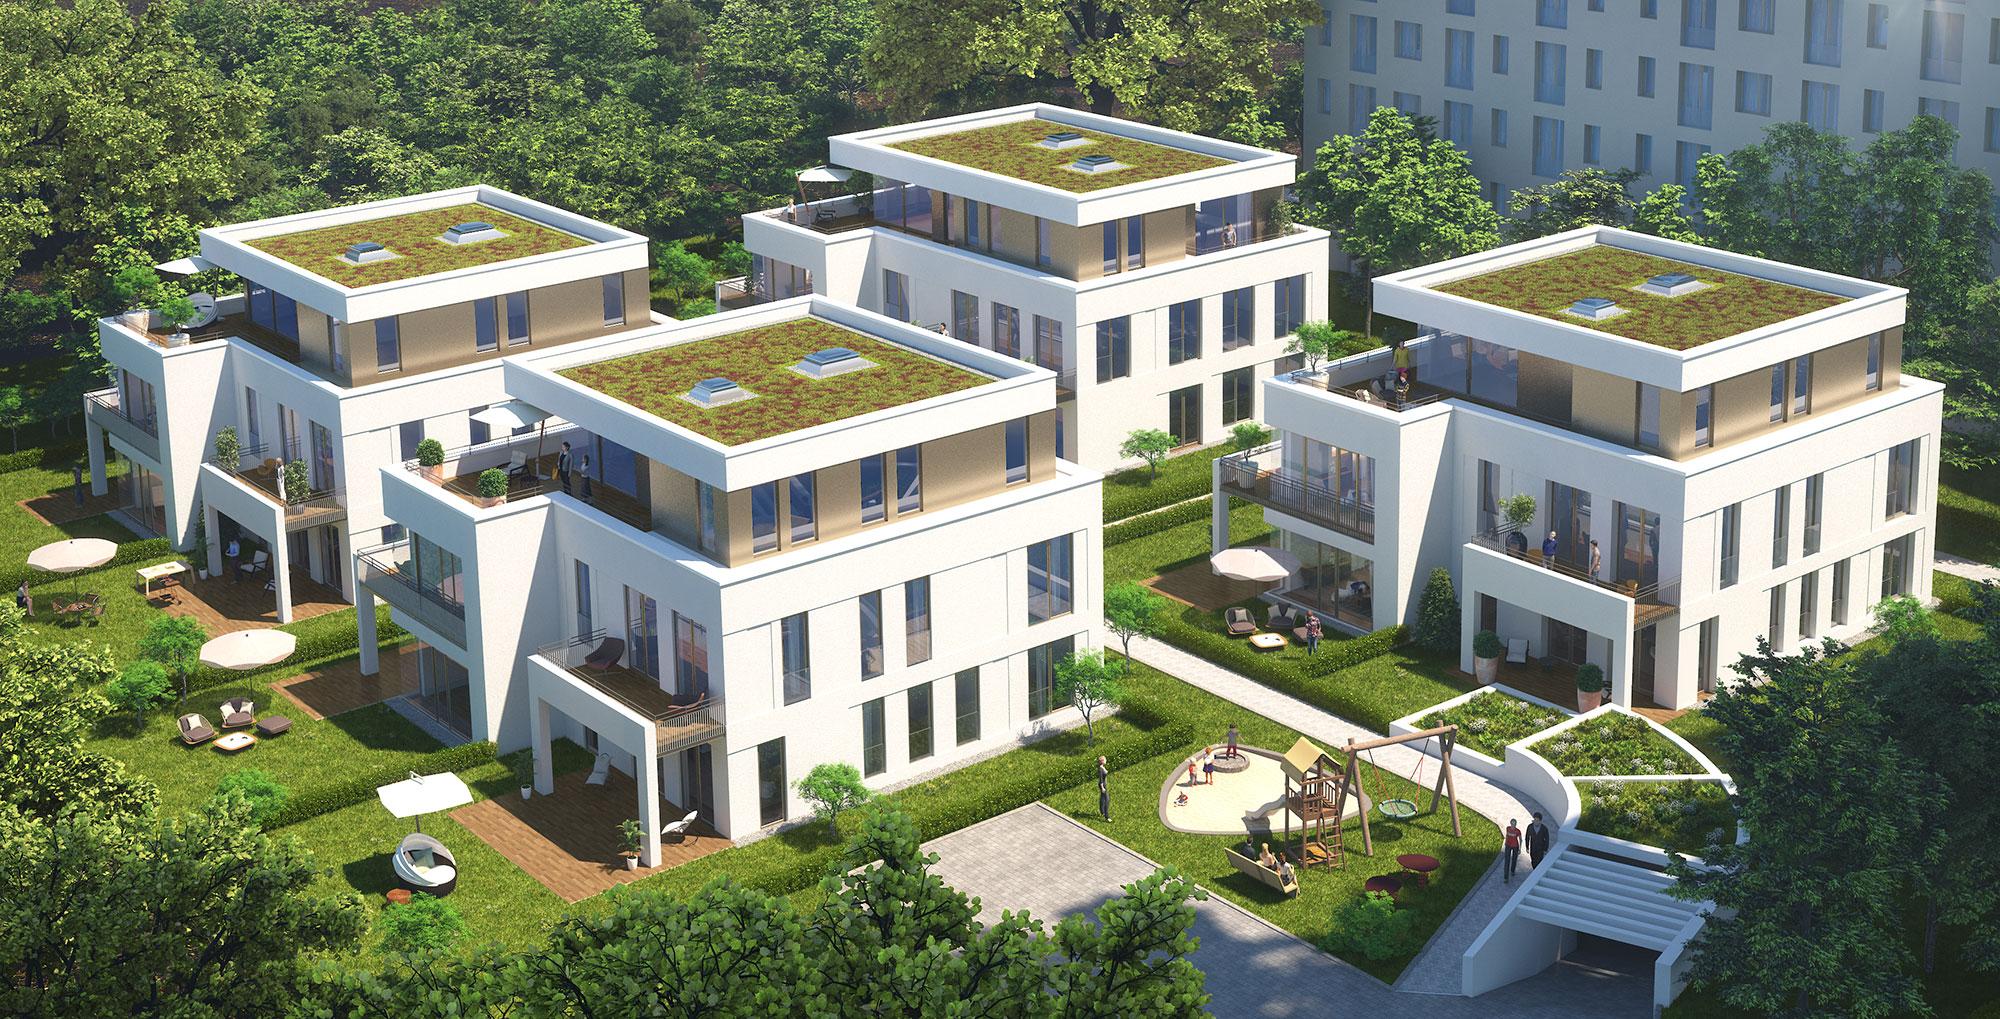 Garden Apartments Berlin - Wohnung kaufen in Berlin-Zehlendorf